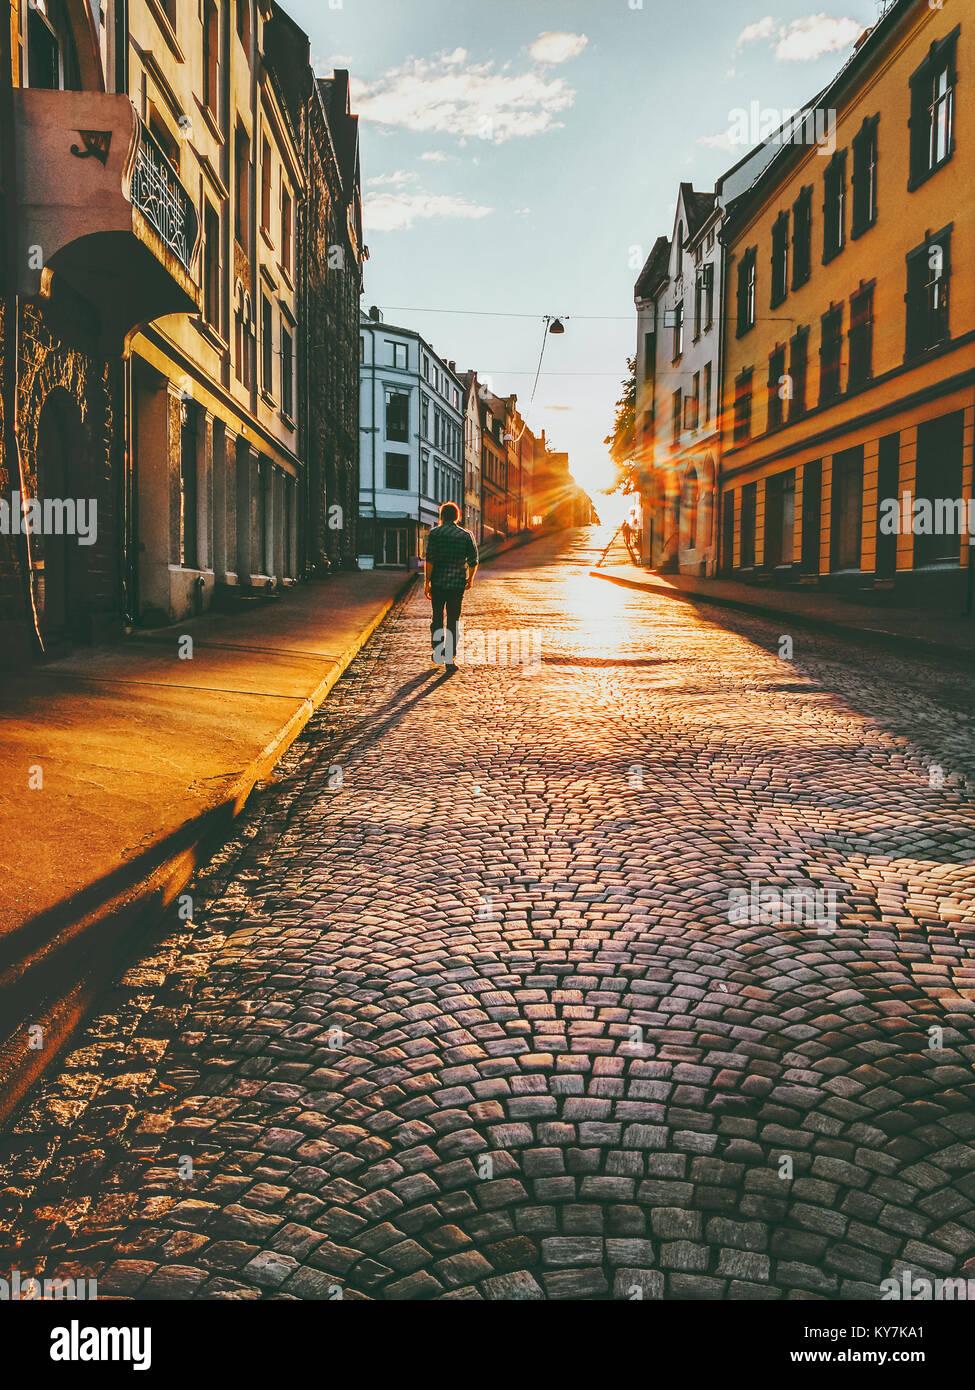 Man touristische Wanderungen in Sunset street Reisen Lifestyle Konzept Ferien gepflasterten Straße Stadt Alesund Stockbild